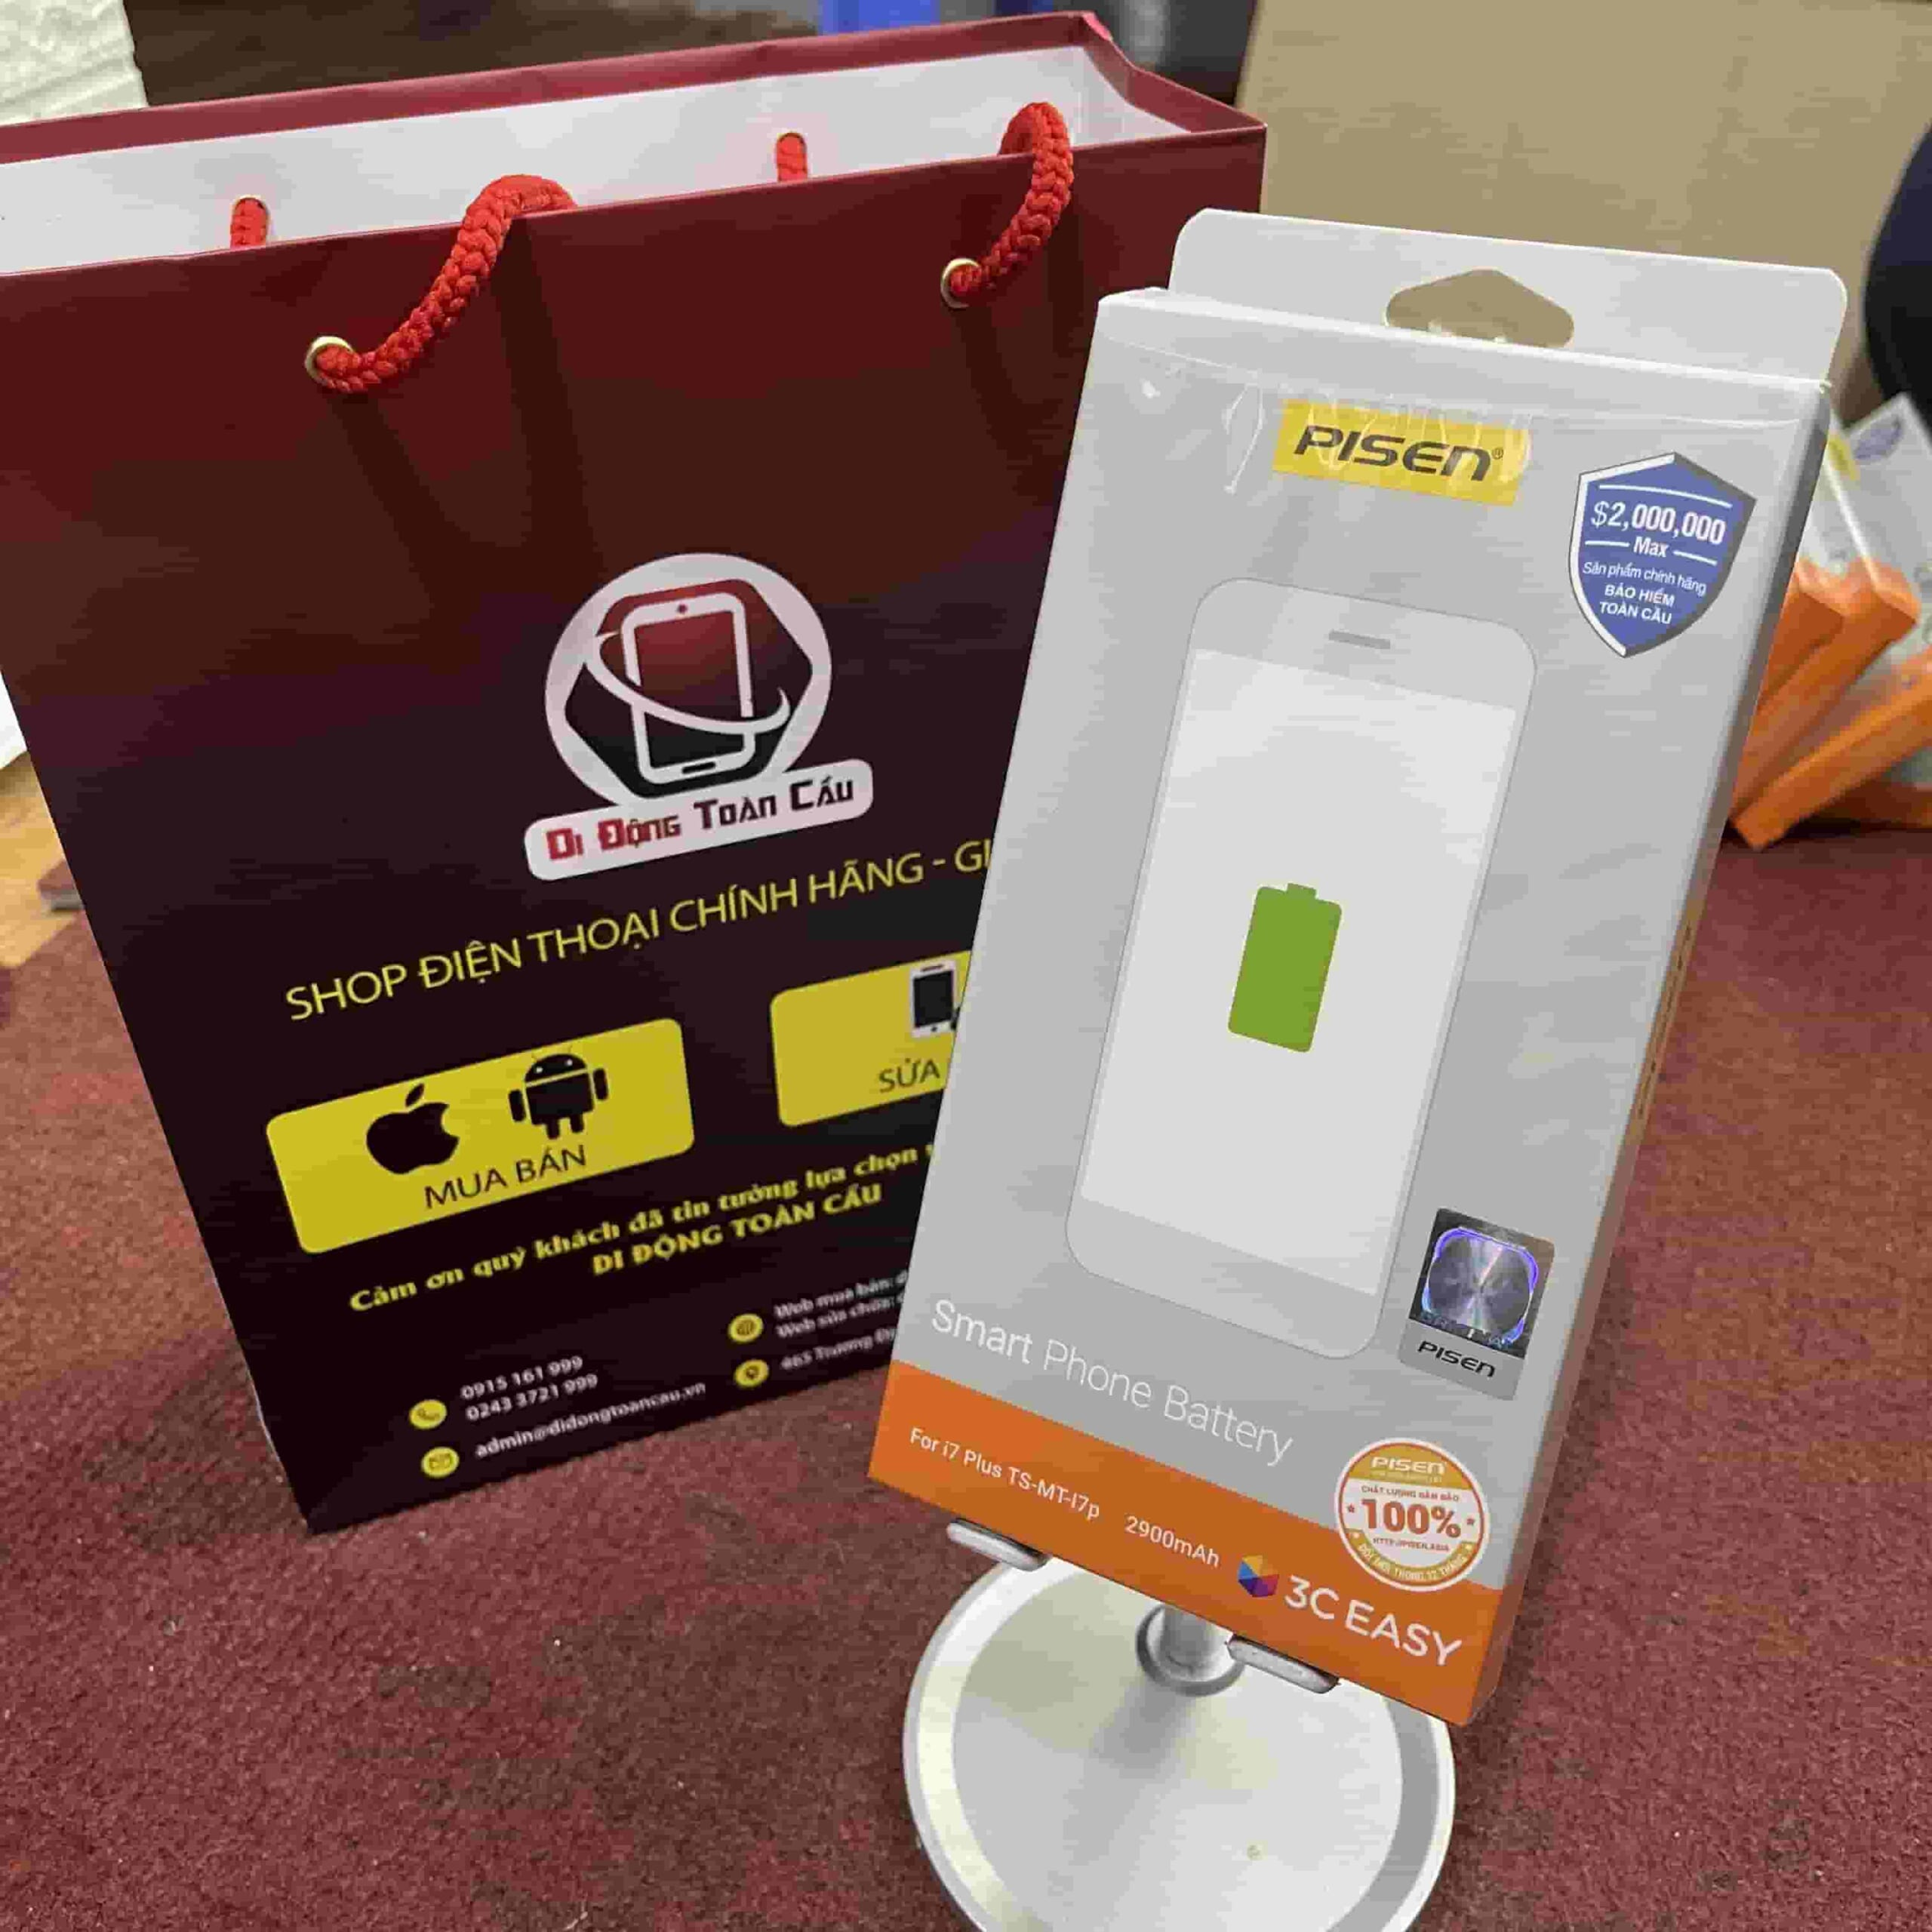 Thay pin Pisen iPhone 7 Plus dung lượng chuẩn